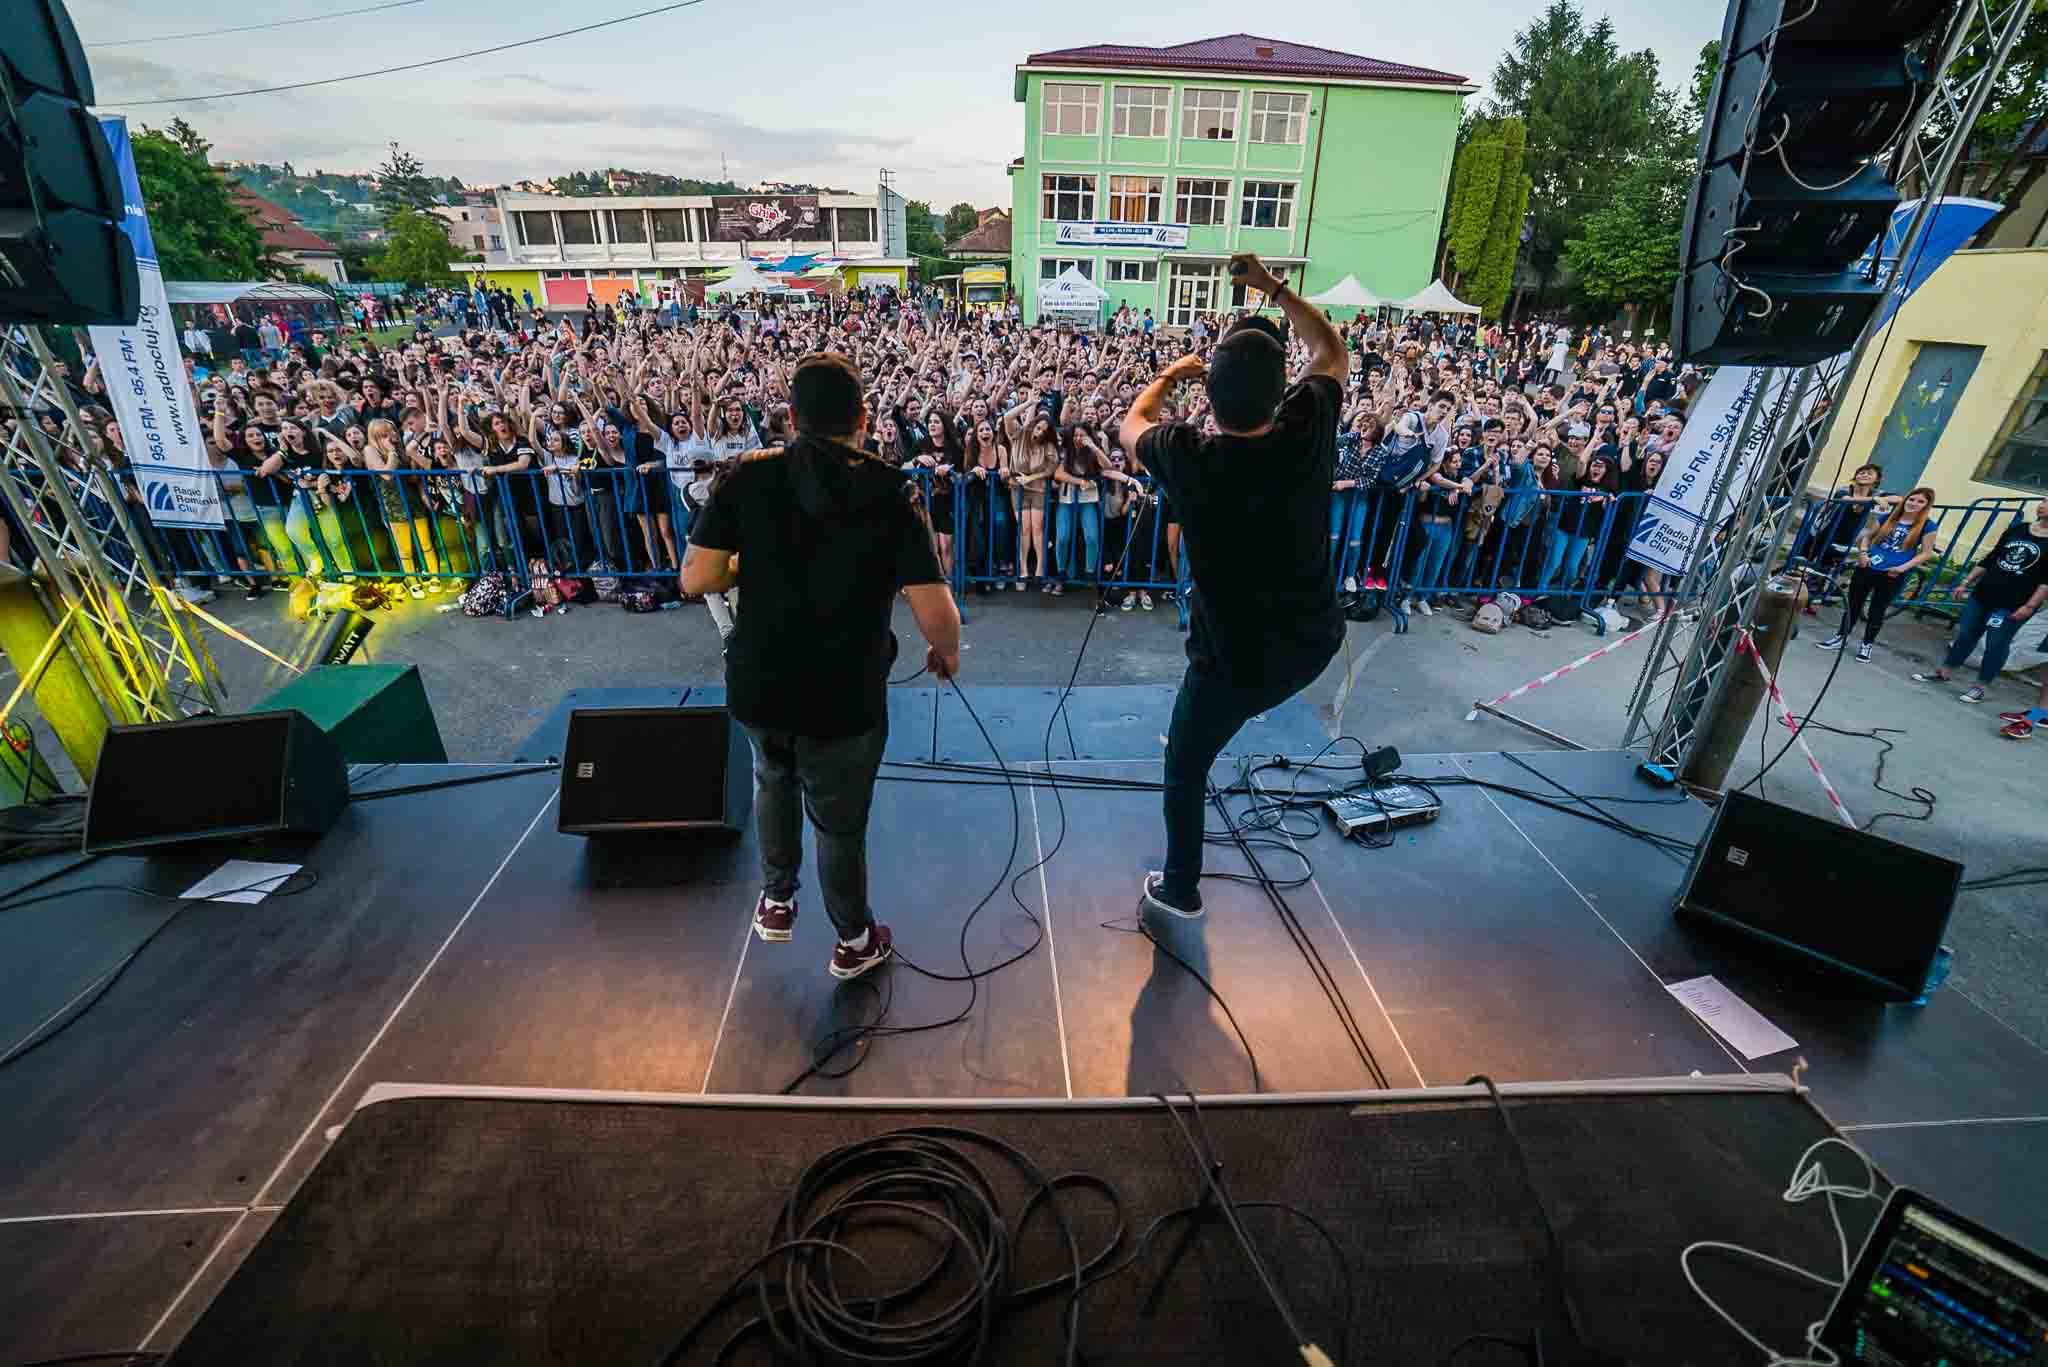 Ghibstock –  Festivalul caritabil din curtea școlii ajuns la ediția a X-a aduce mai mulți artiști și promite mai multă distracție